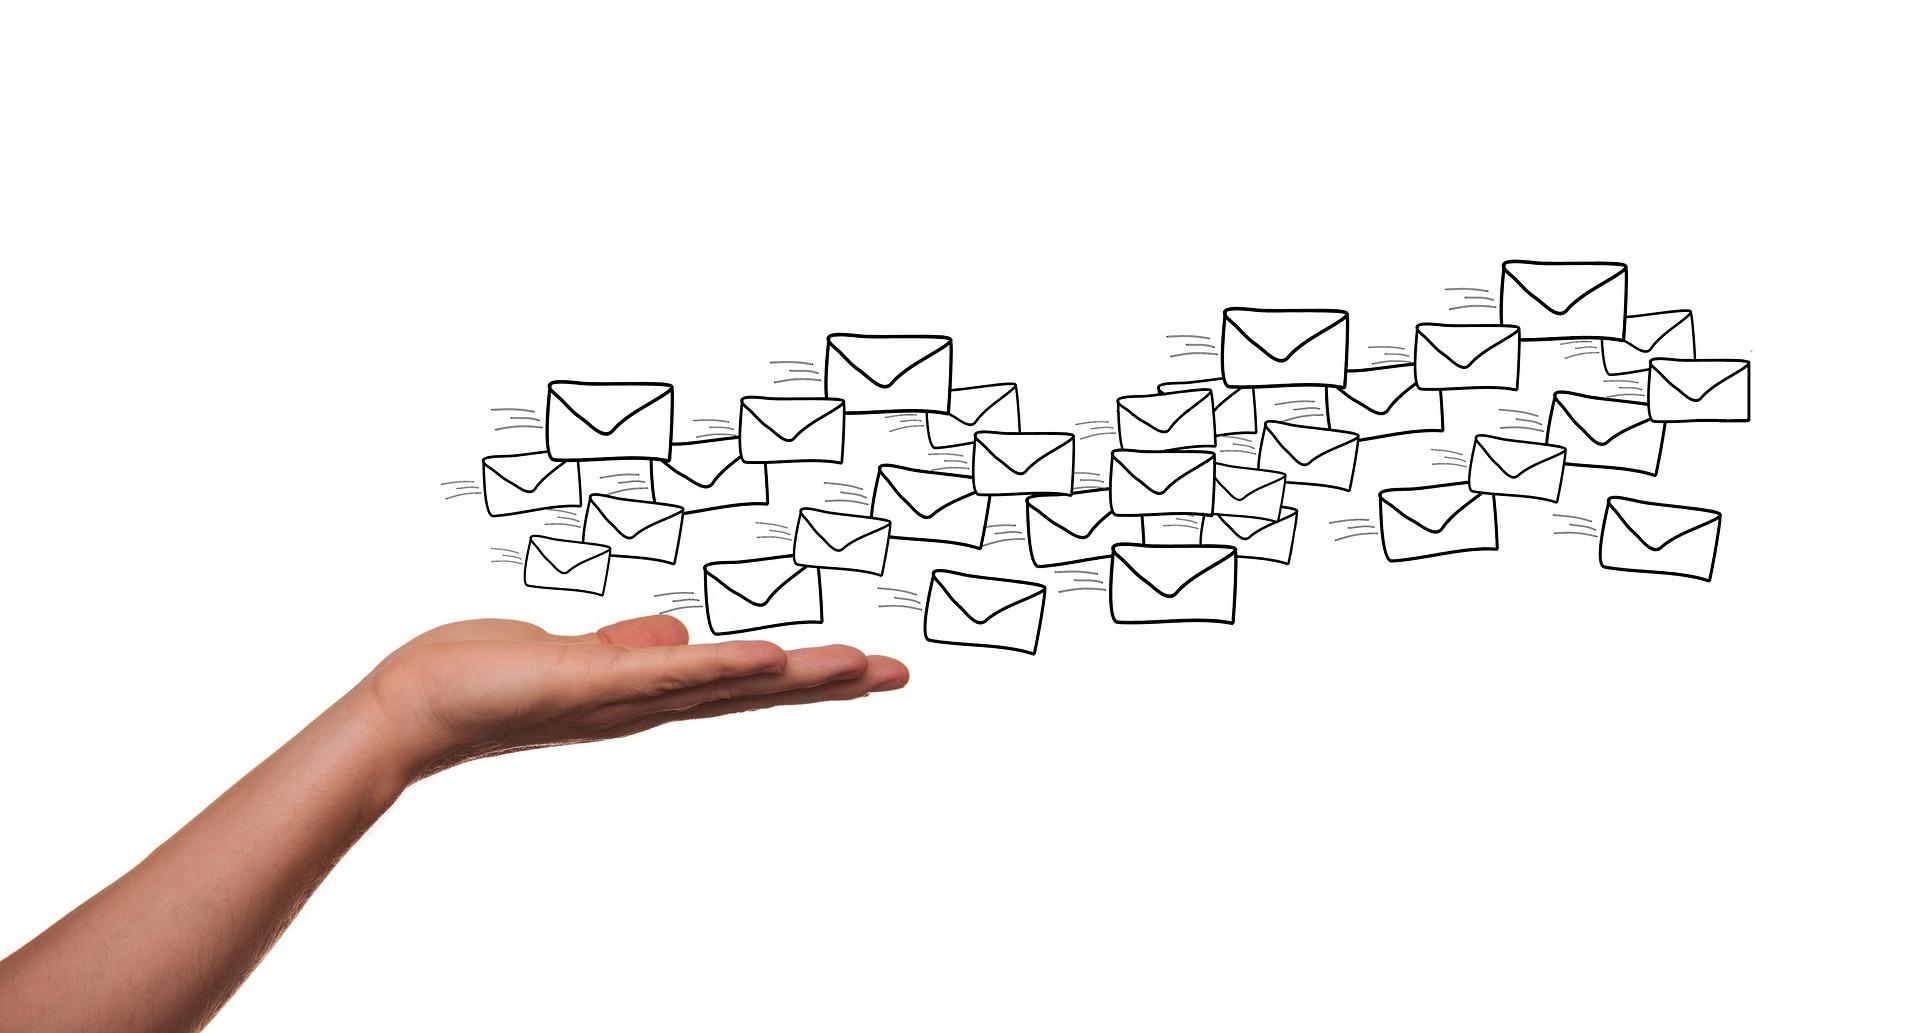 Les 10 trucs pour gérer vos courriels avec efficacité